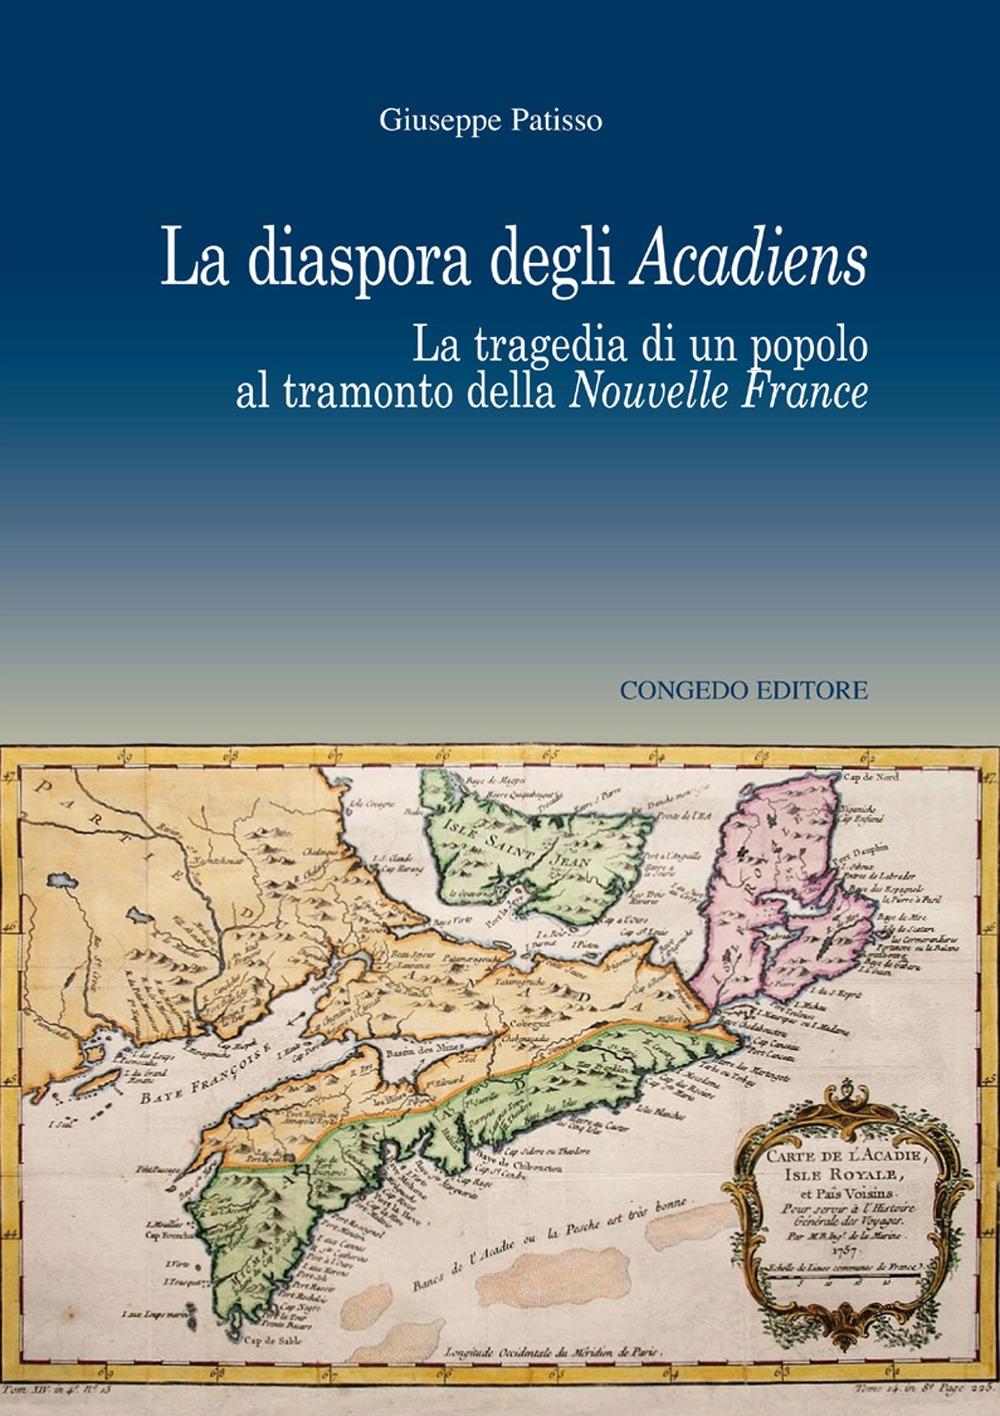 La diaspora degli Acadiens. La tragedia di un popolo al tramonto della Nuovelle France